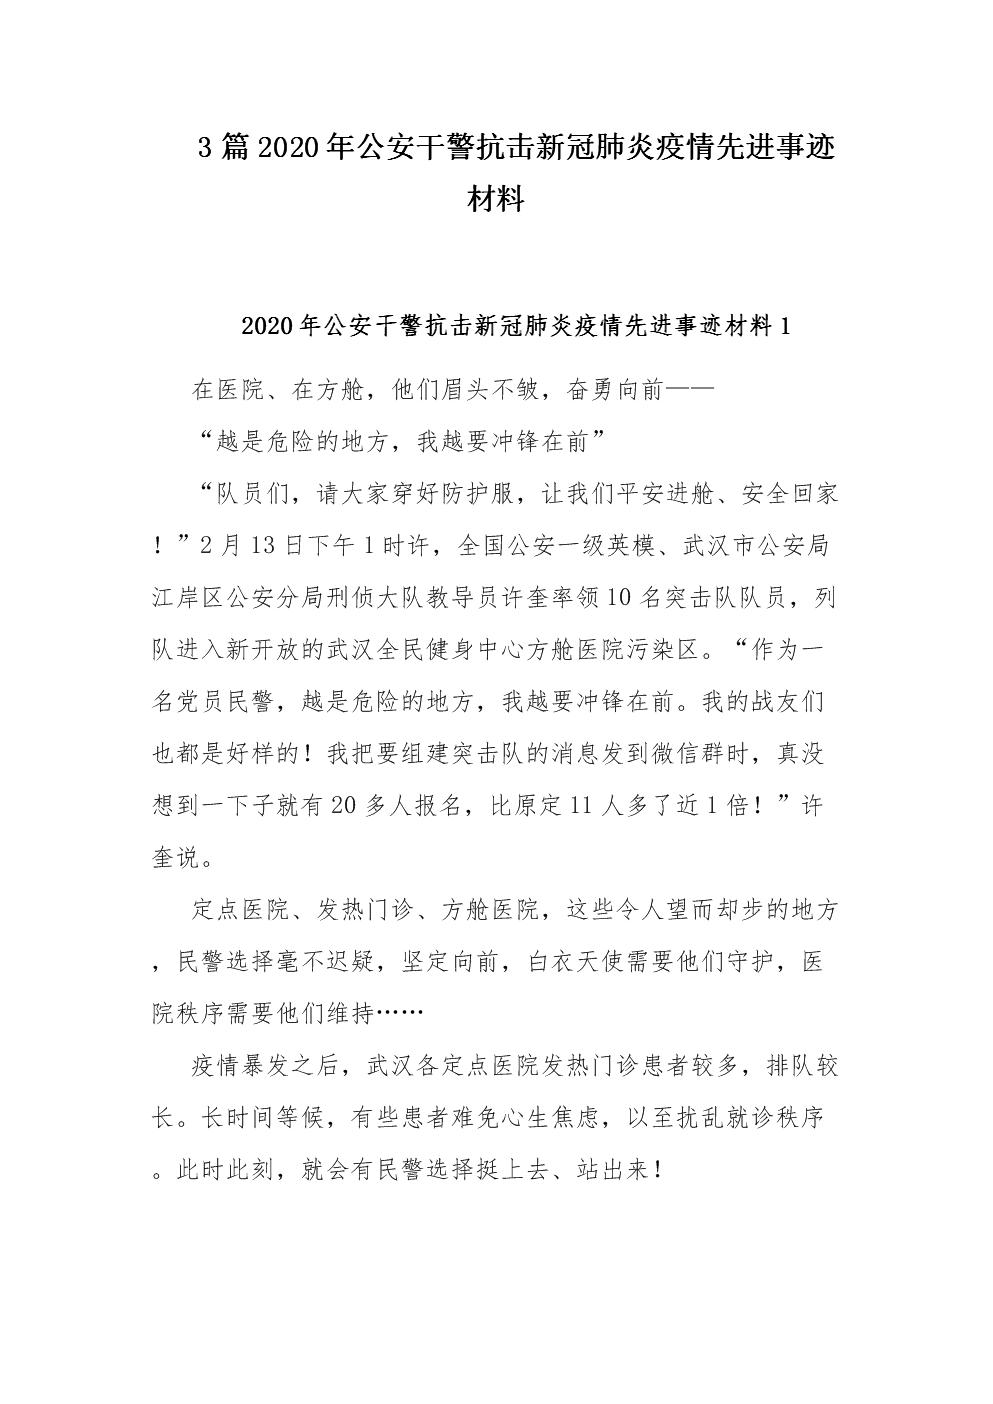 3篇2020年公安干警抗击新冠肺炎疫情先进事迹材料.docx